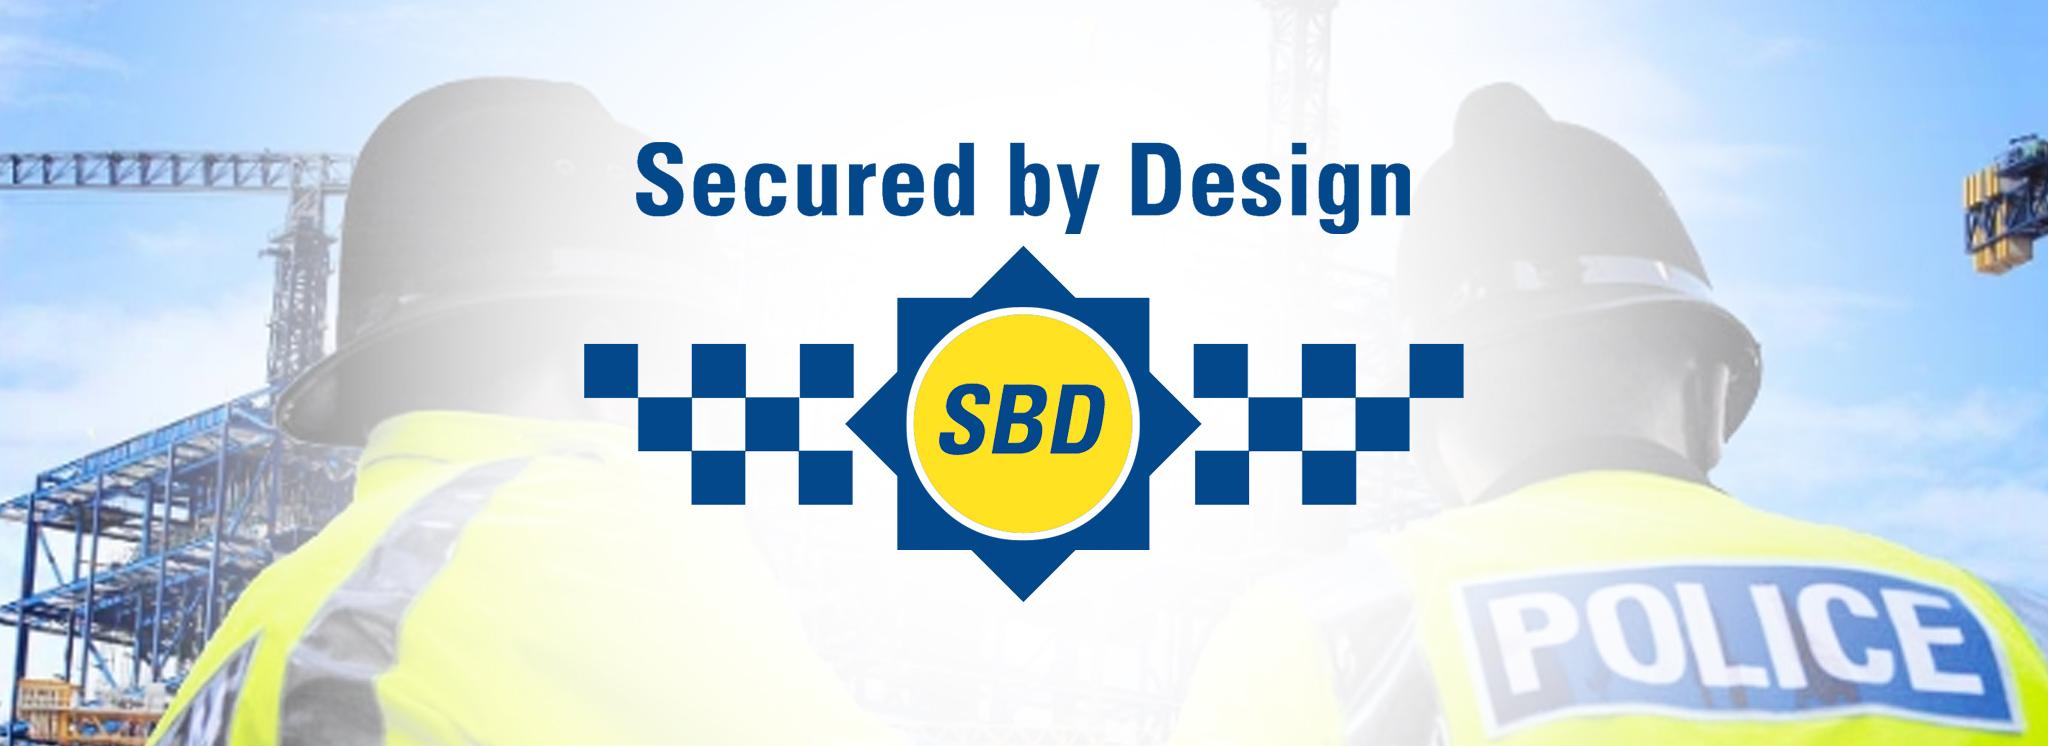 Secured by Design blog